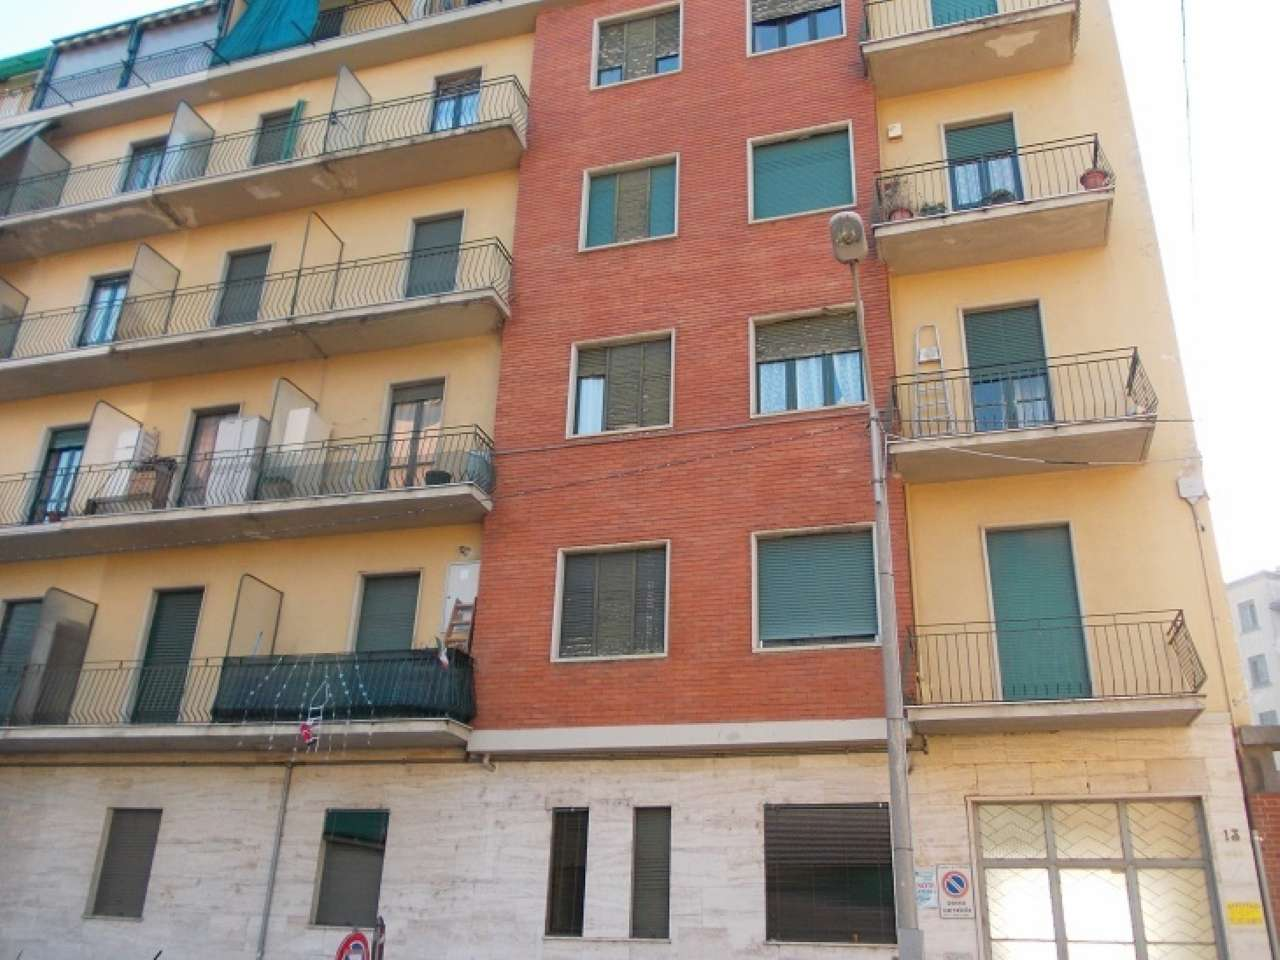 Foto 1 di Bilocale via CASAPINTA, Torino (zona Madonna di Campagna, Borgo Vittoria, Barriera di Lanzo)